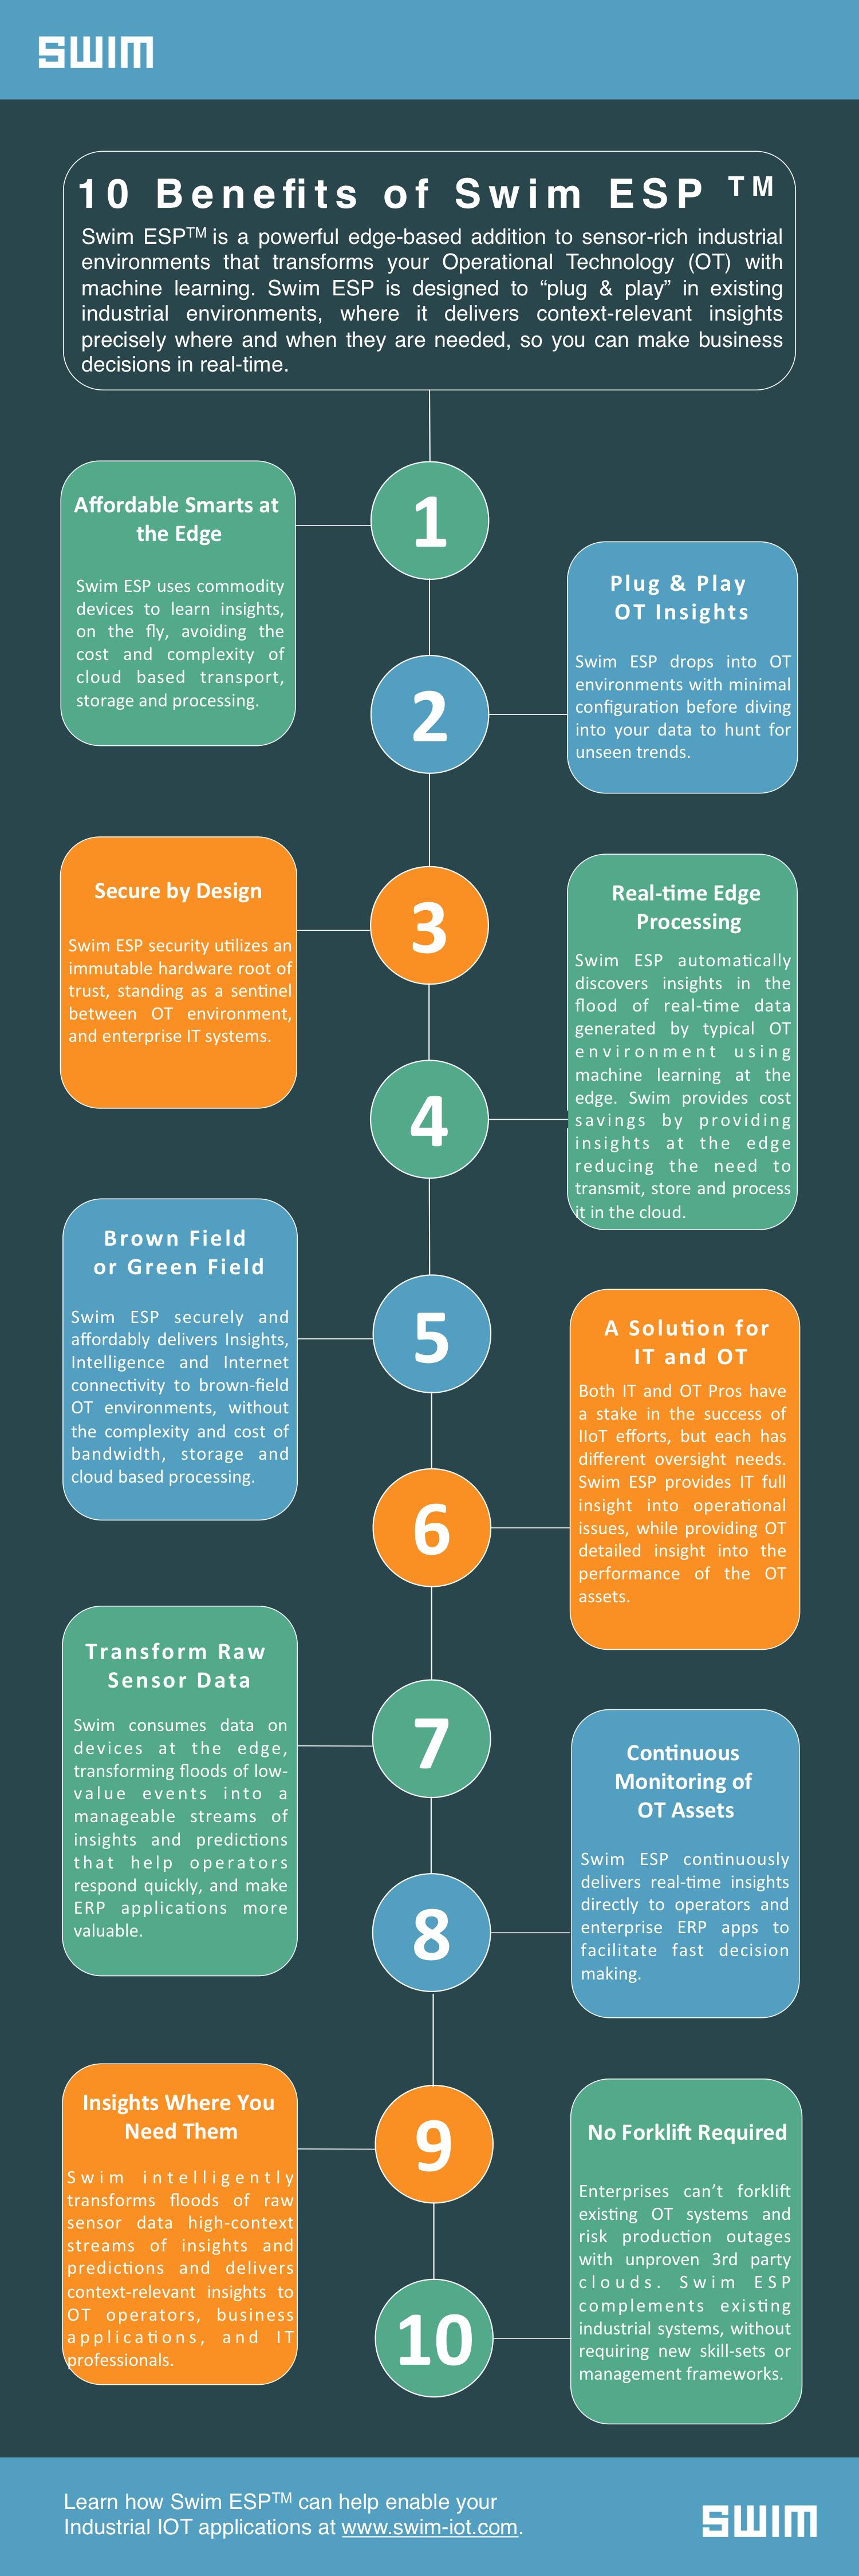 Swim_10 Benefits of Swim ESP_Infographic